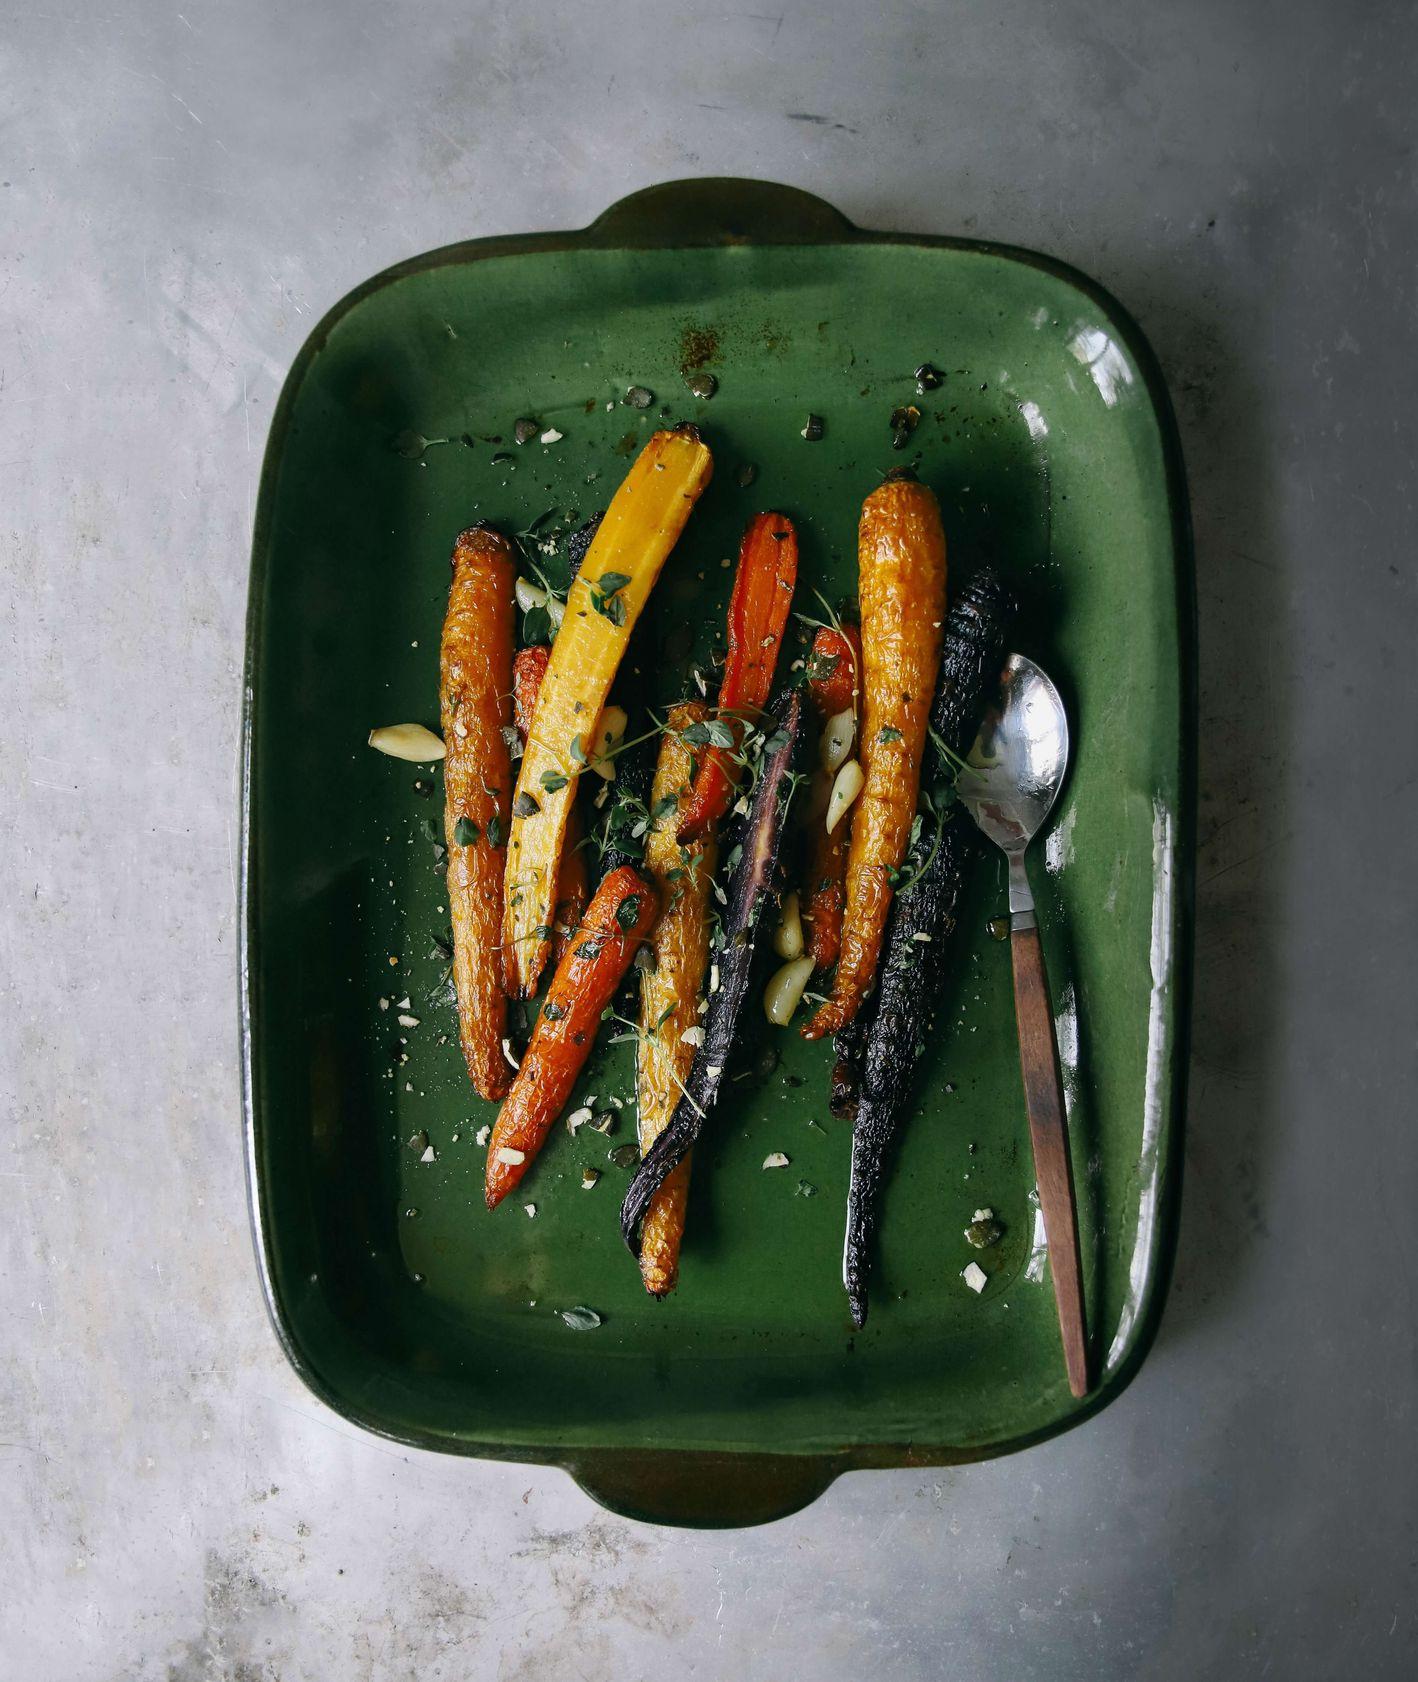 Pieczone warzywa korzeniowe na zielonym naczyniu żaroodpornym (fot. Matilda Bellman / unsplash.com)